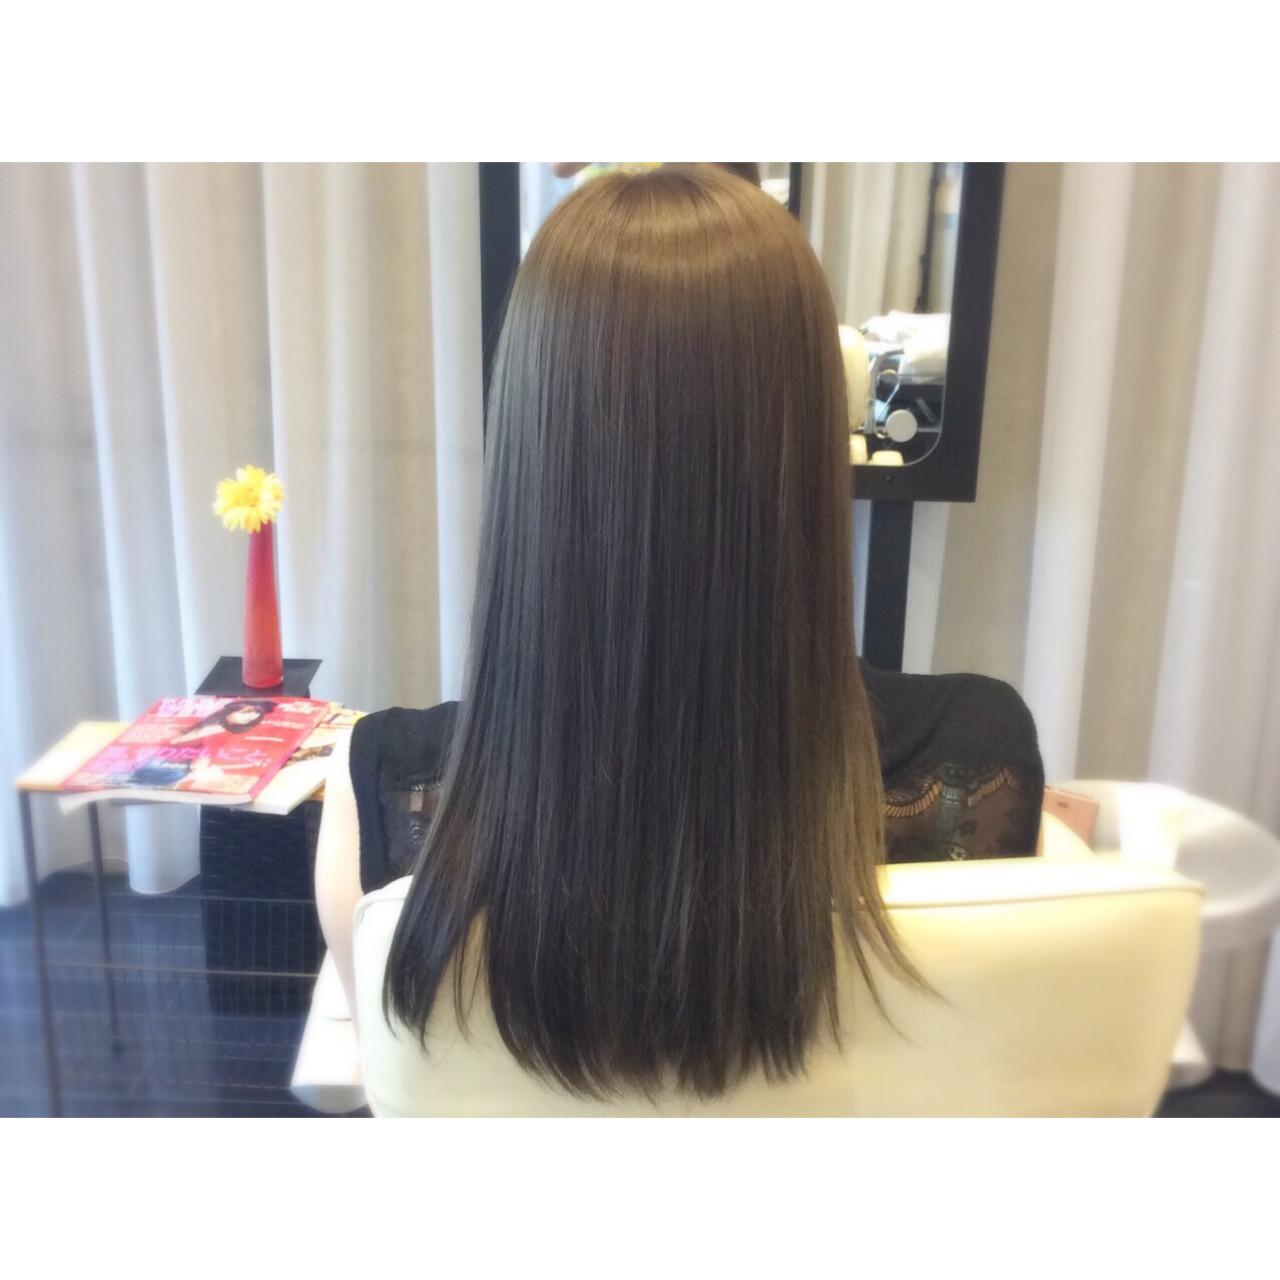 ブルージュ イルミナカラー ナチュラル 暗髪 ヘアスタイルや髪型の写真・画像 | アビル 裕貴 / ノーネームヘアー